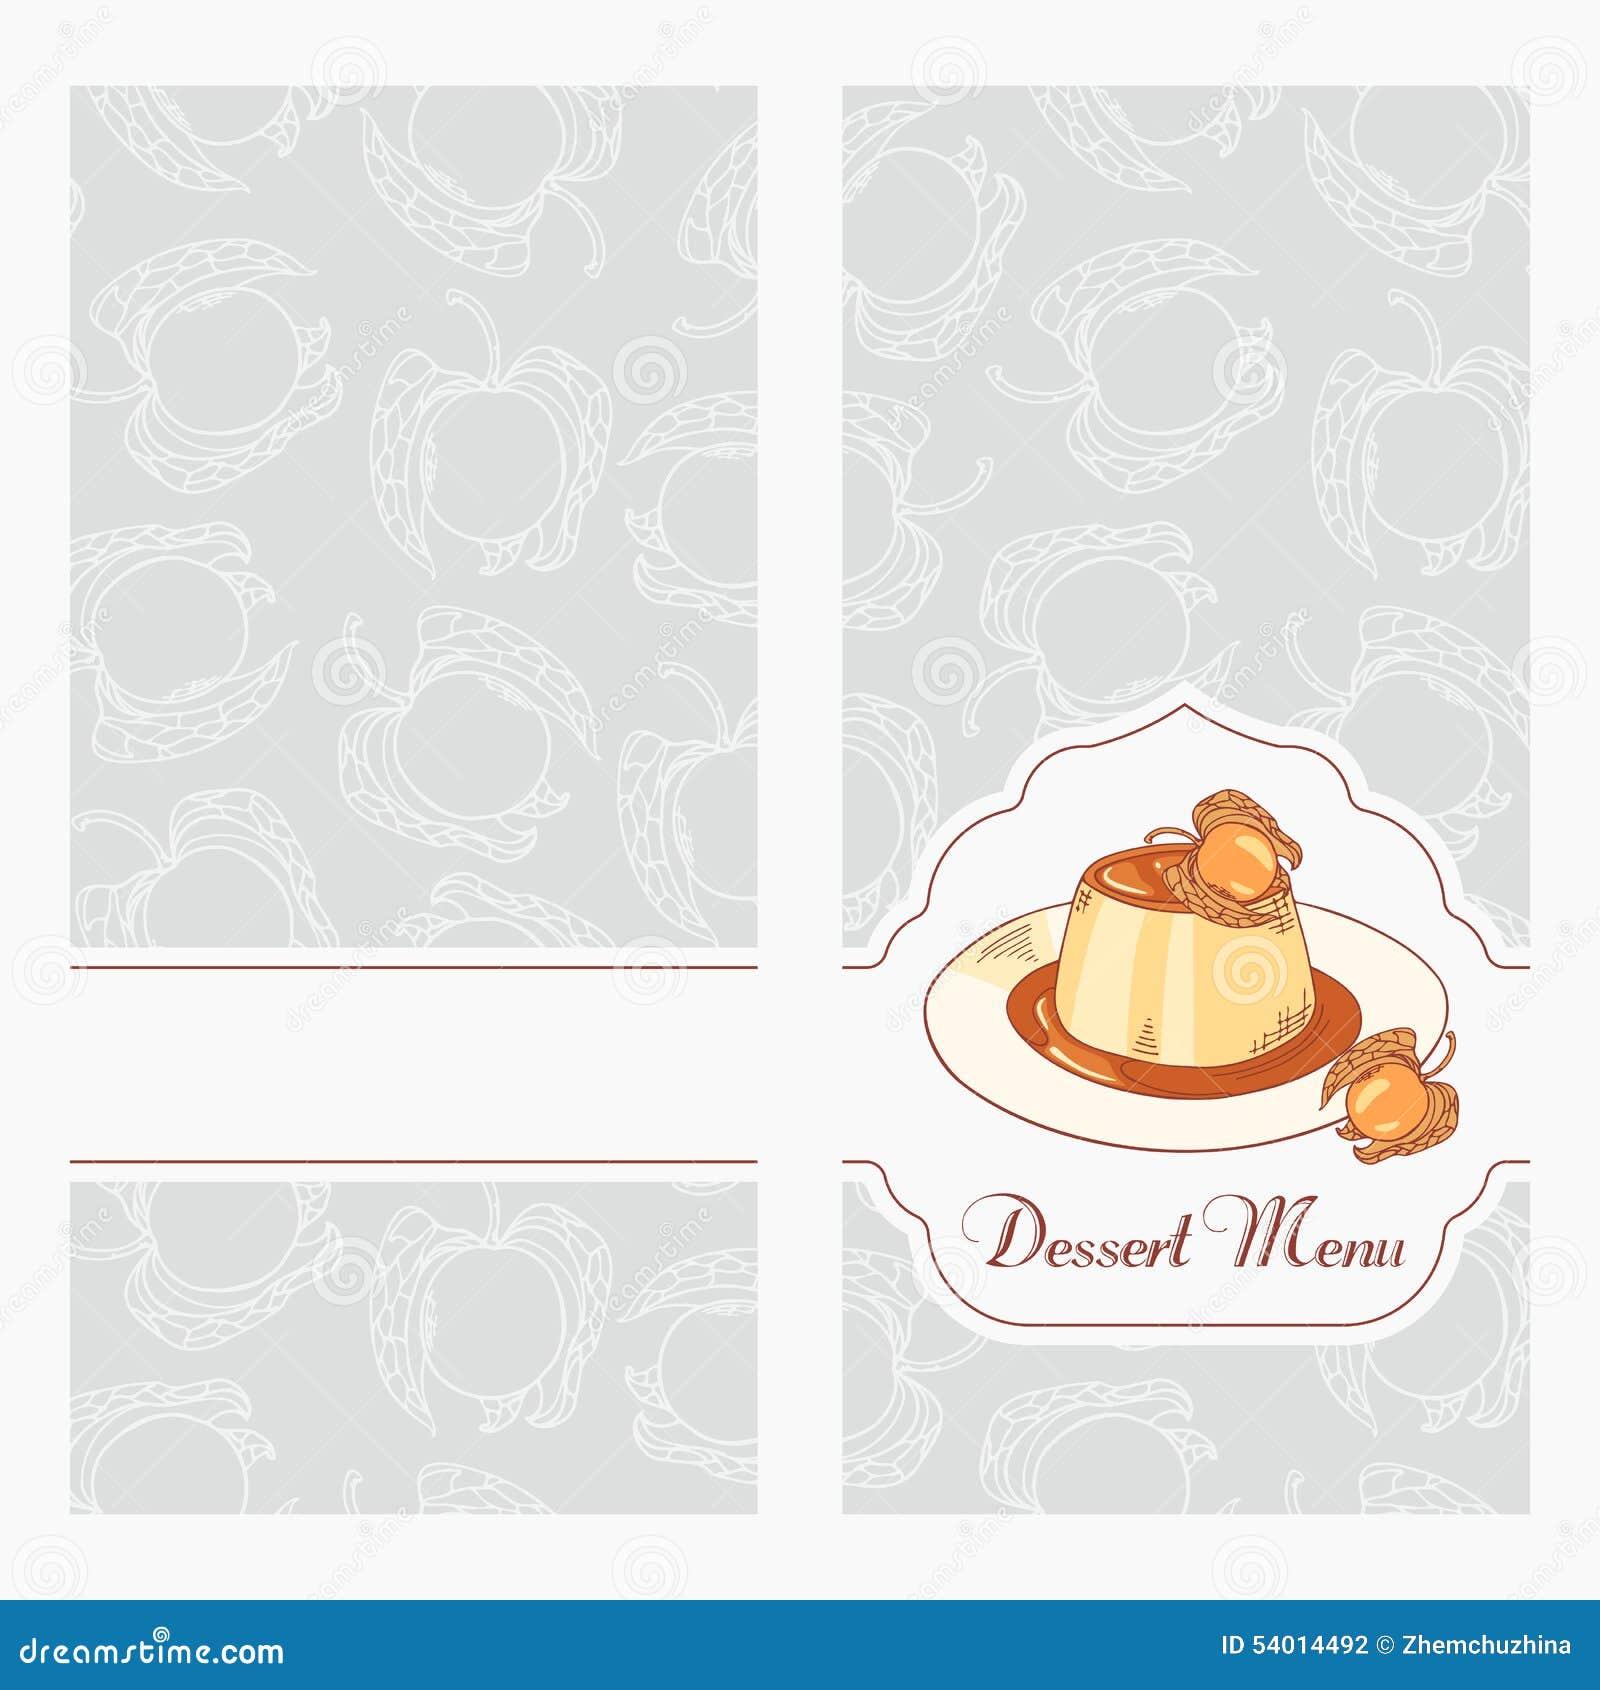 dessert menu template design for cafe creme caramel on plate in vector stock vector. Black Bedroom Furniture Sets. Home Design Ideas